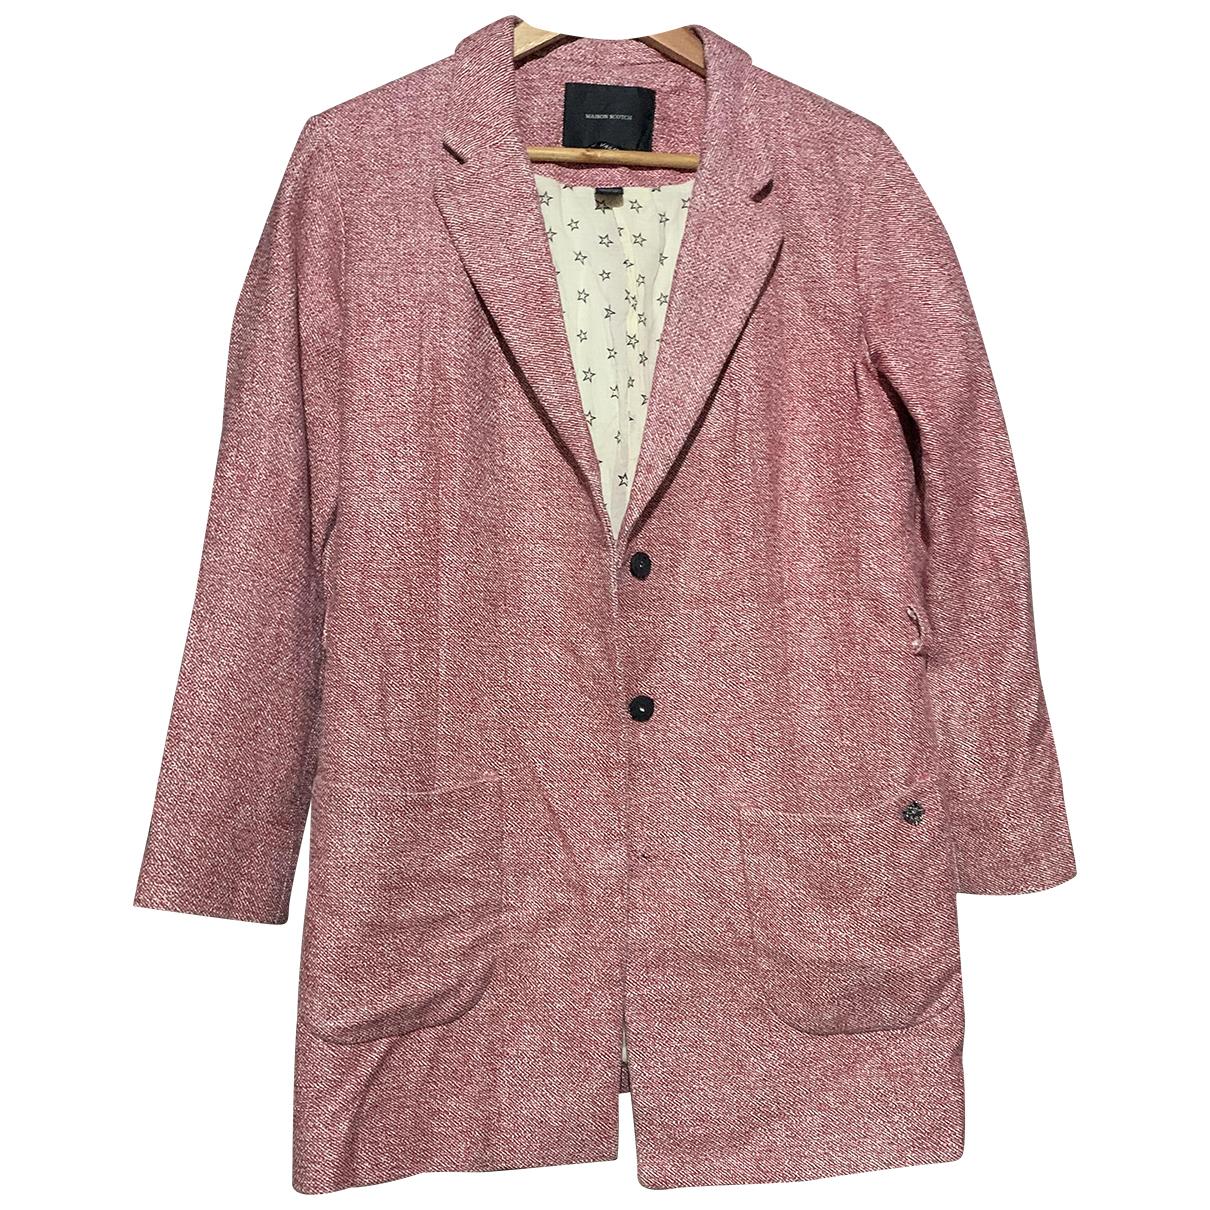 Maison Scotch - Veste   pour femme en coton - rose